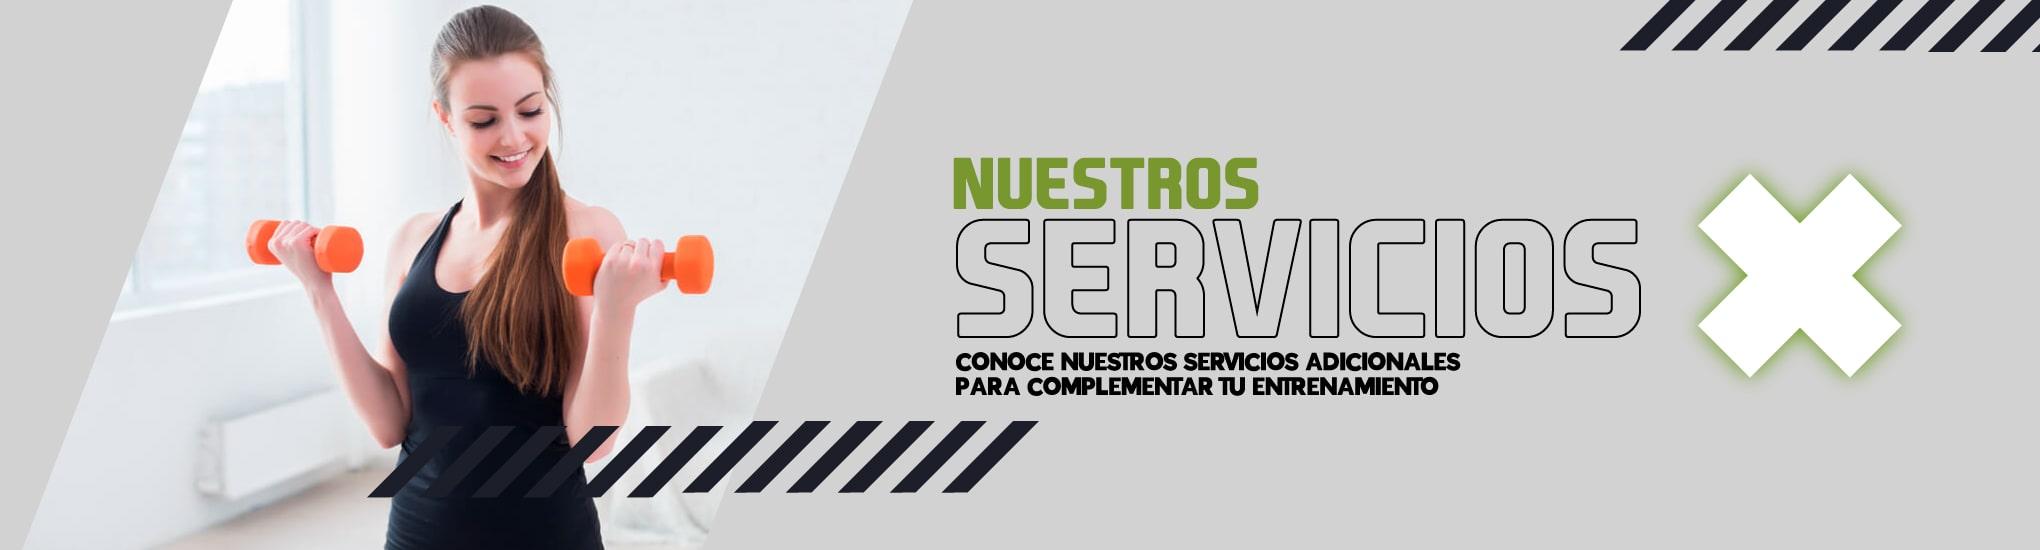 BANNER-SERVICIOS-DESK-min